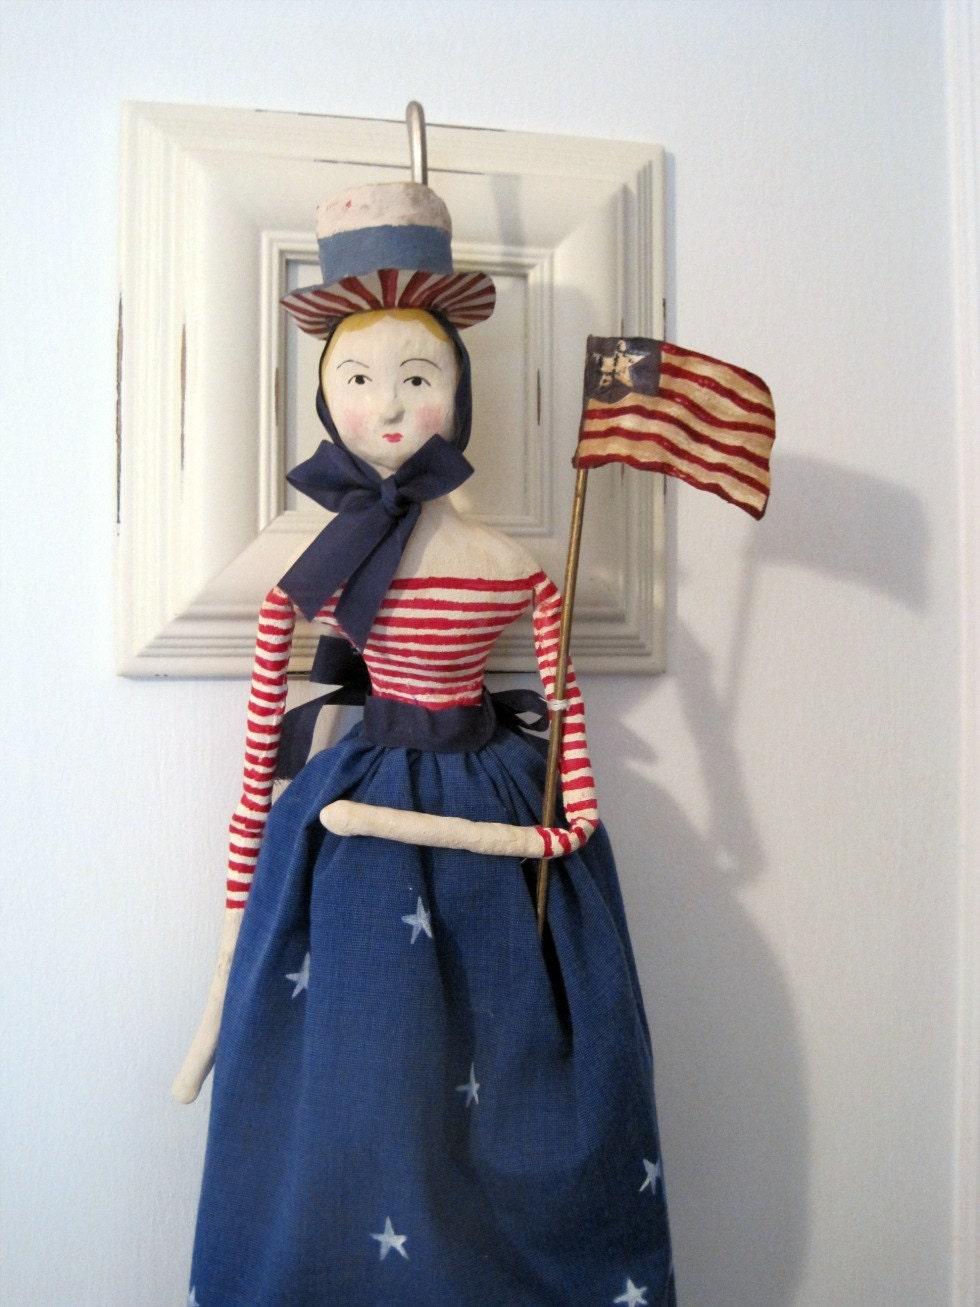 Folk art doll Americana patriotic